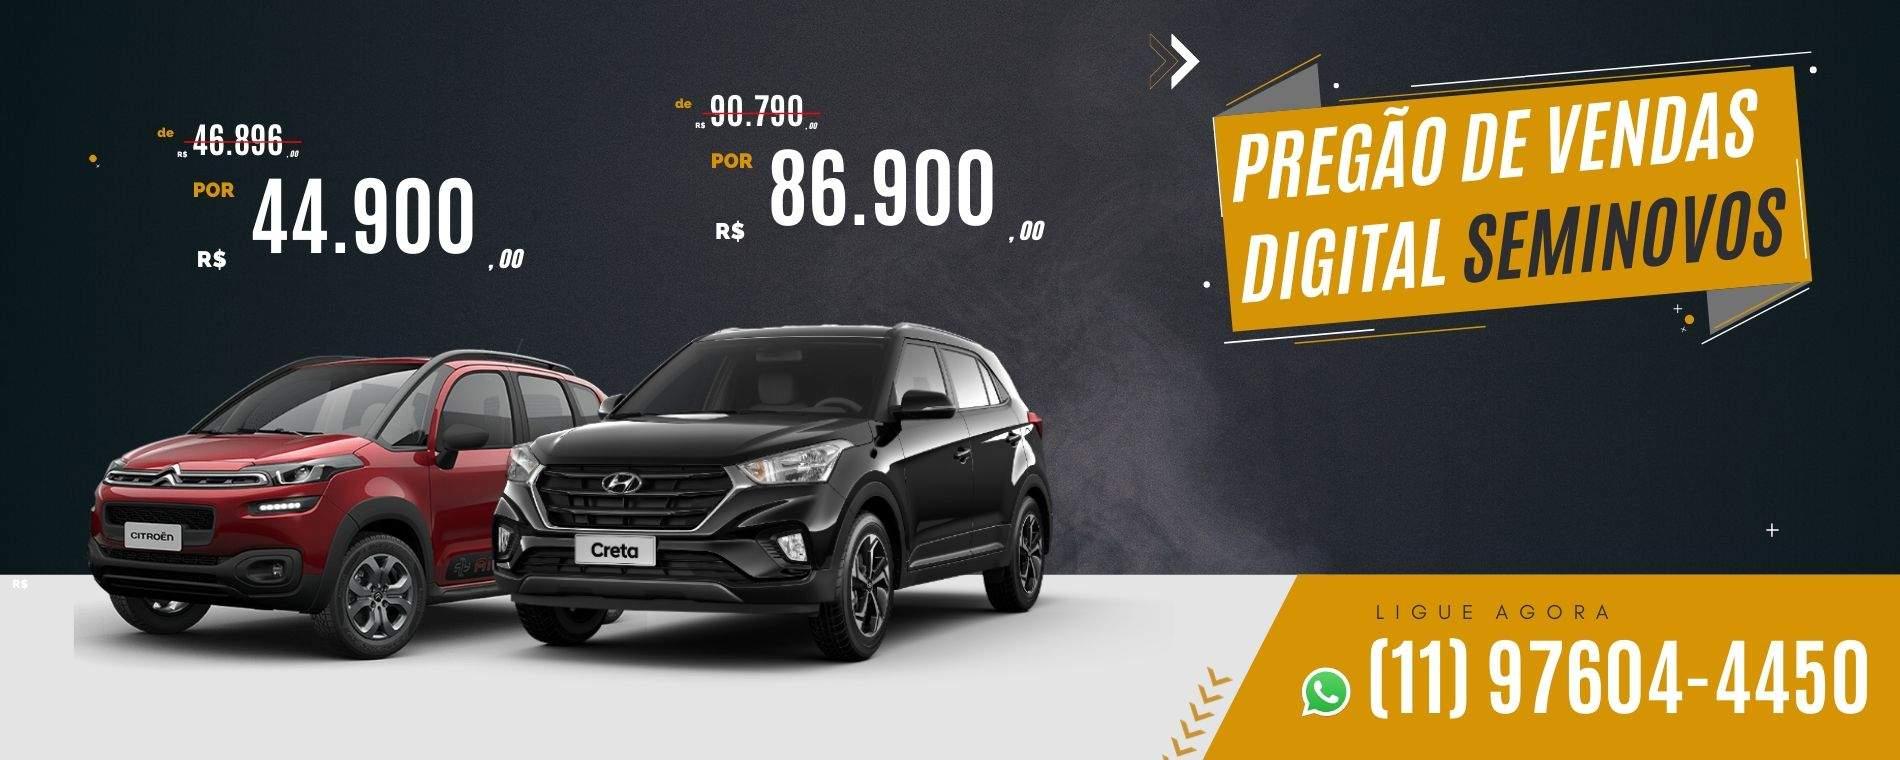 Pregão de vendas digital da concessionária Dutra